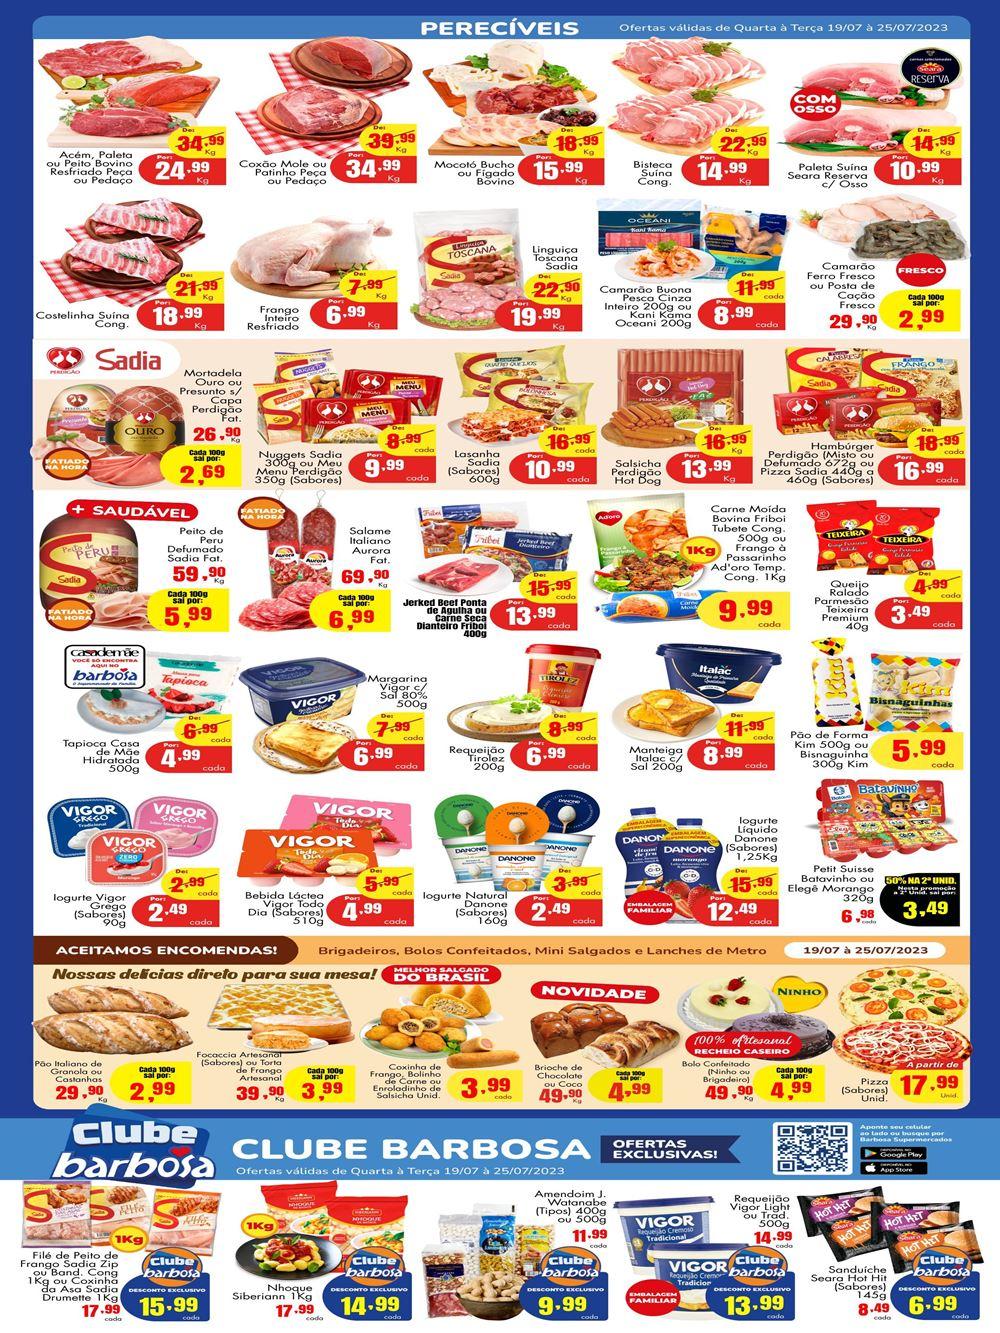 barbosa-ofertas-descontos-hoje2-15 Ofertas de supermercados